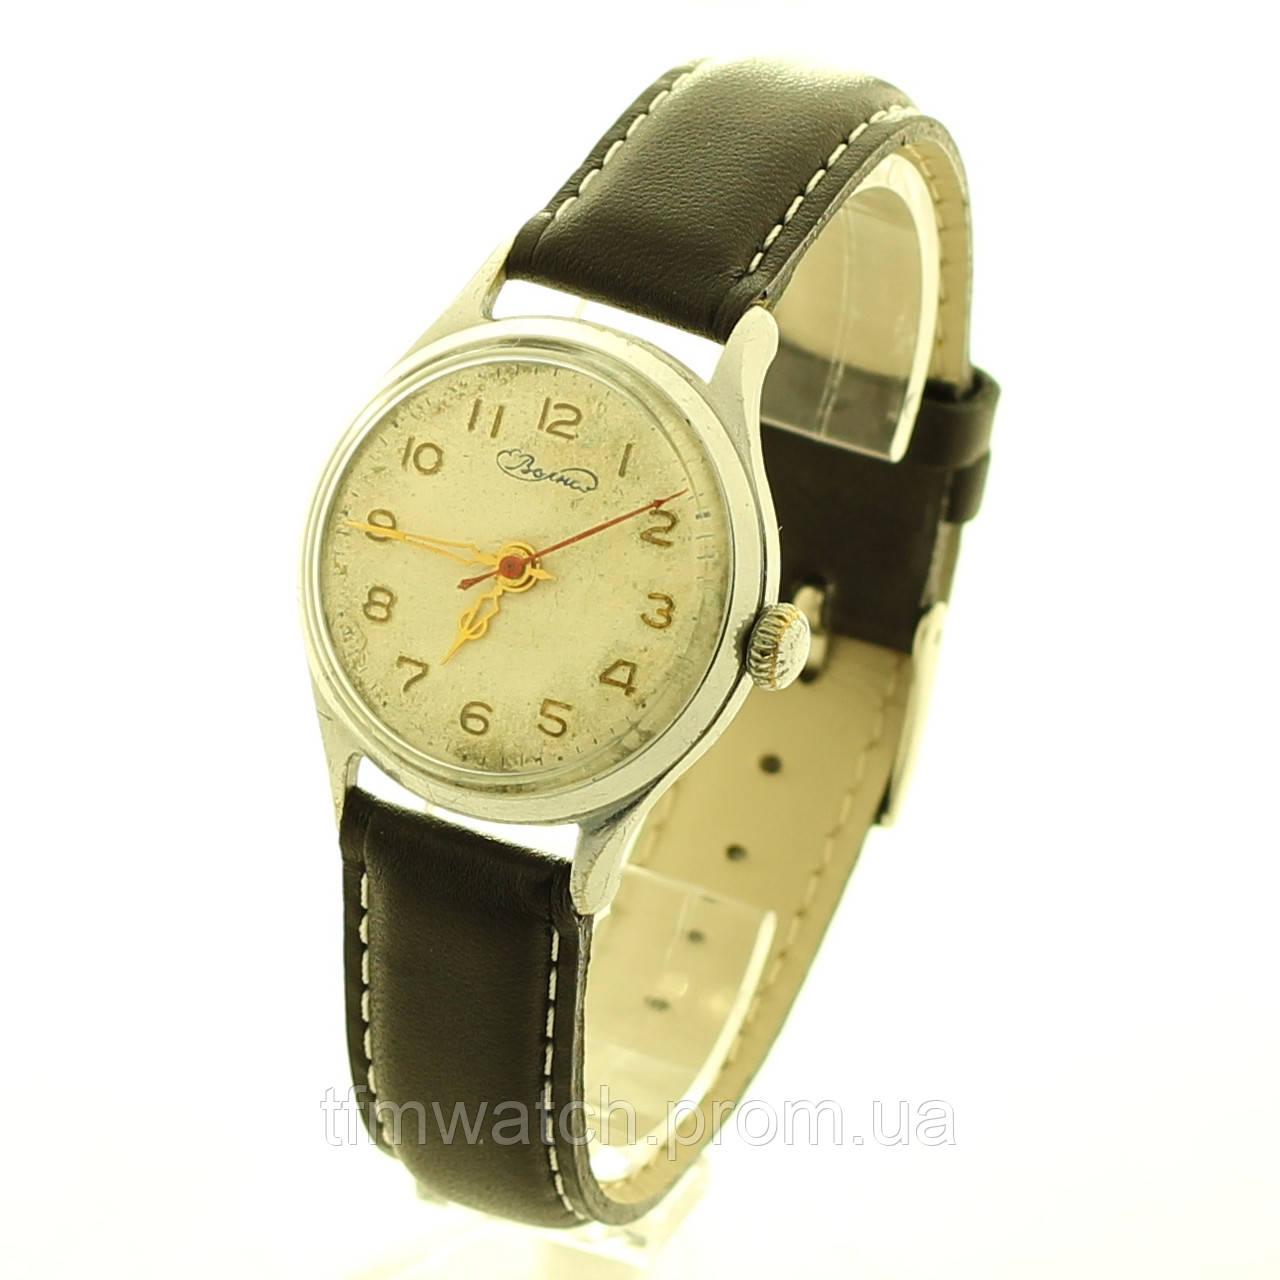 Волна механические часы СССР